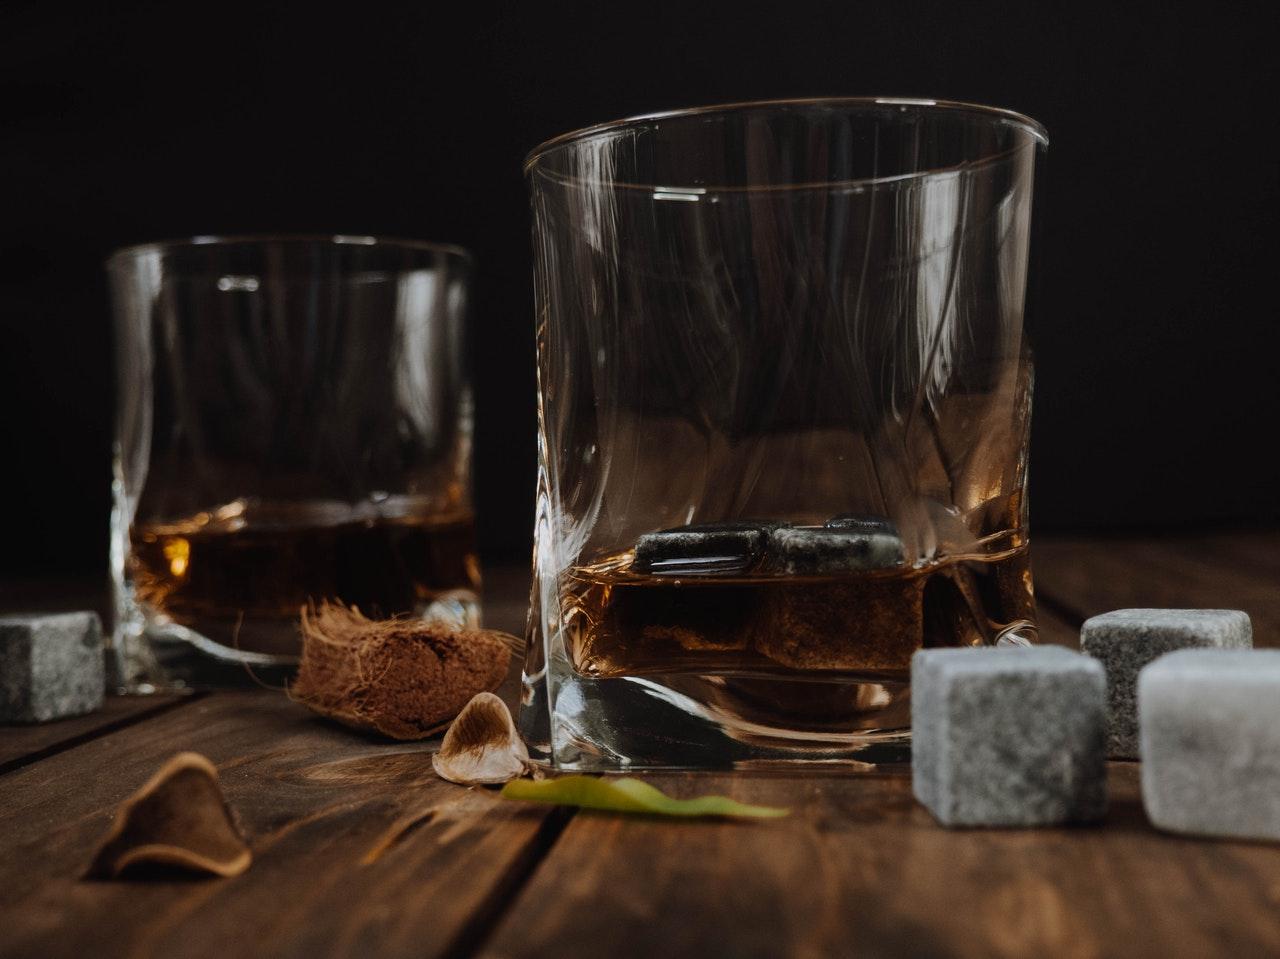 Diese Aspekte zeichnen einen guten Whisky aus